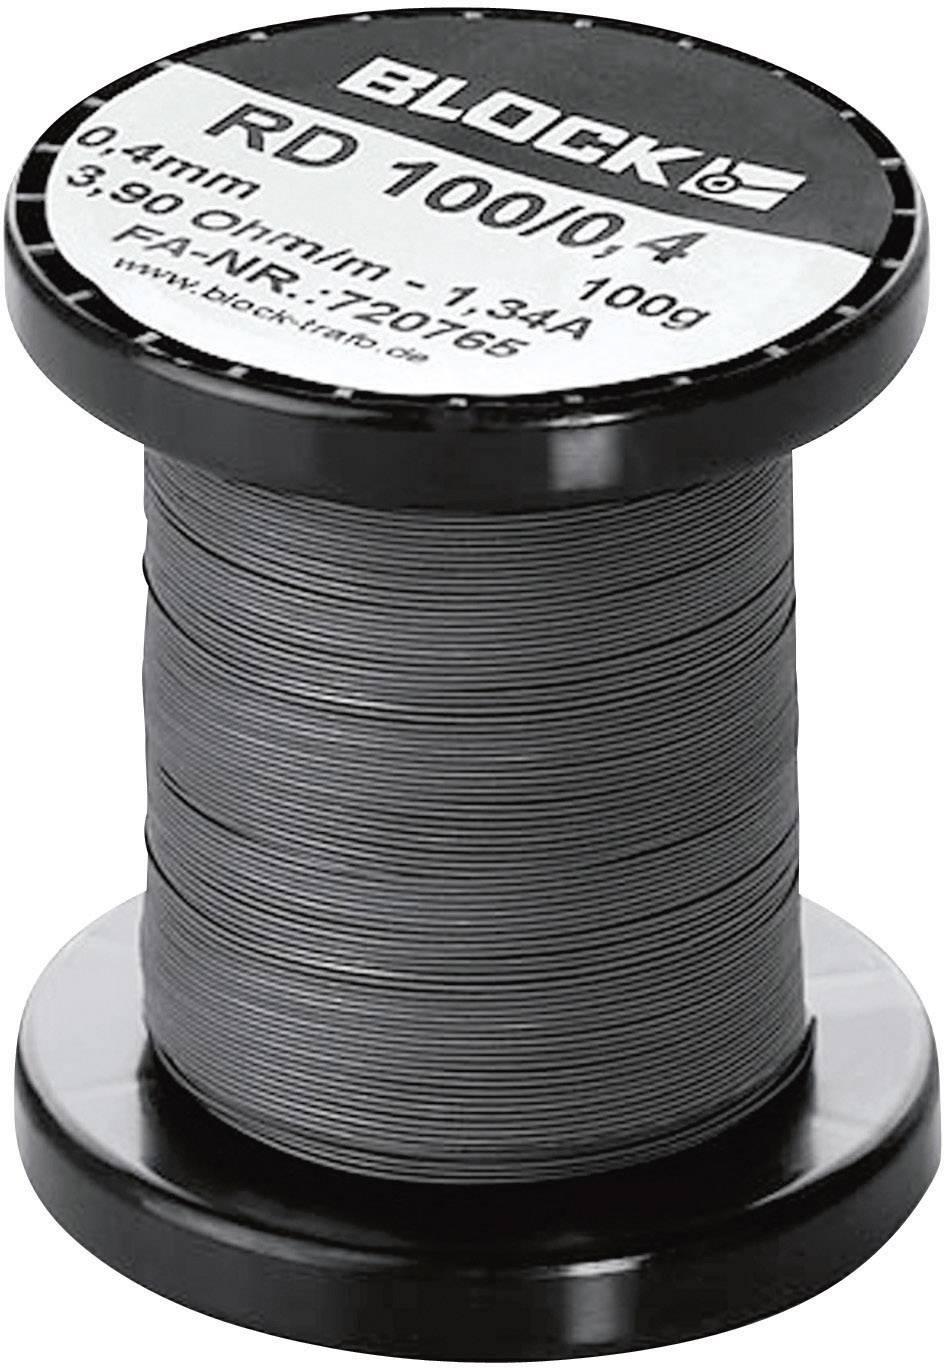 Odporový drôt Block RD 100/4,0, 0.039 Ω/m, 0.8 m